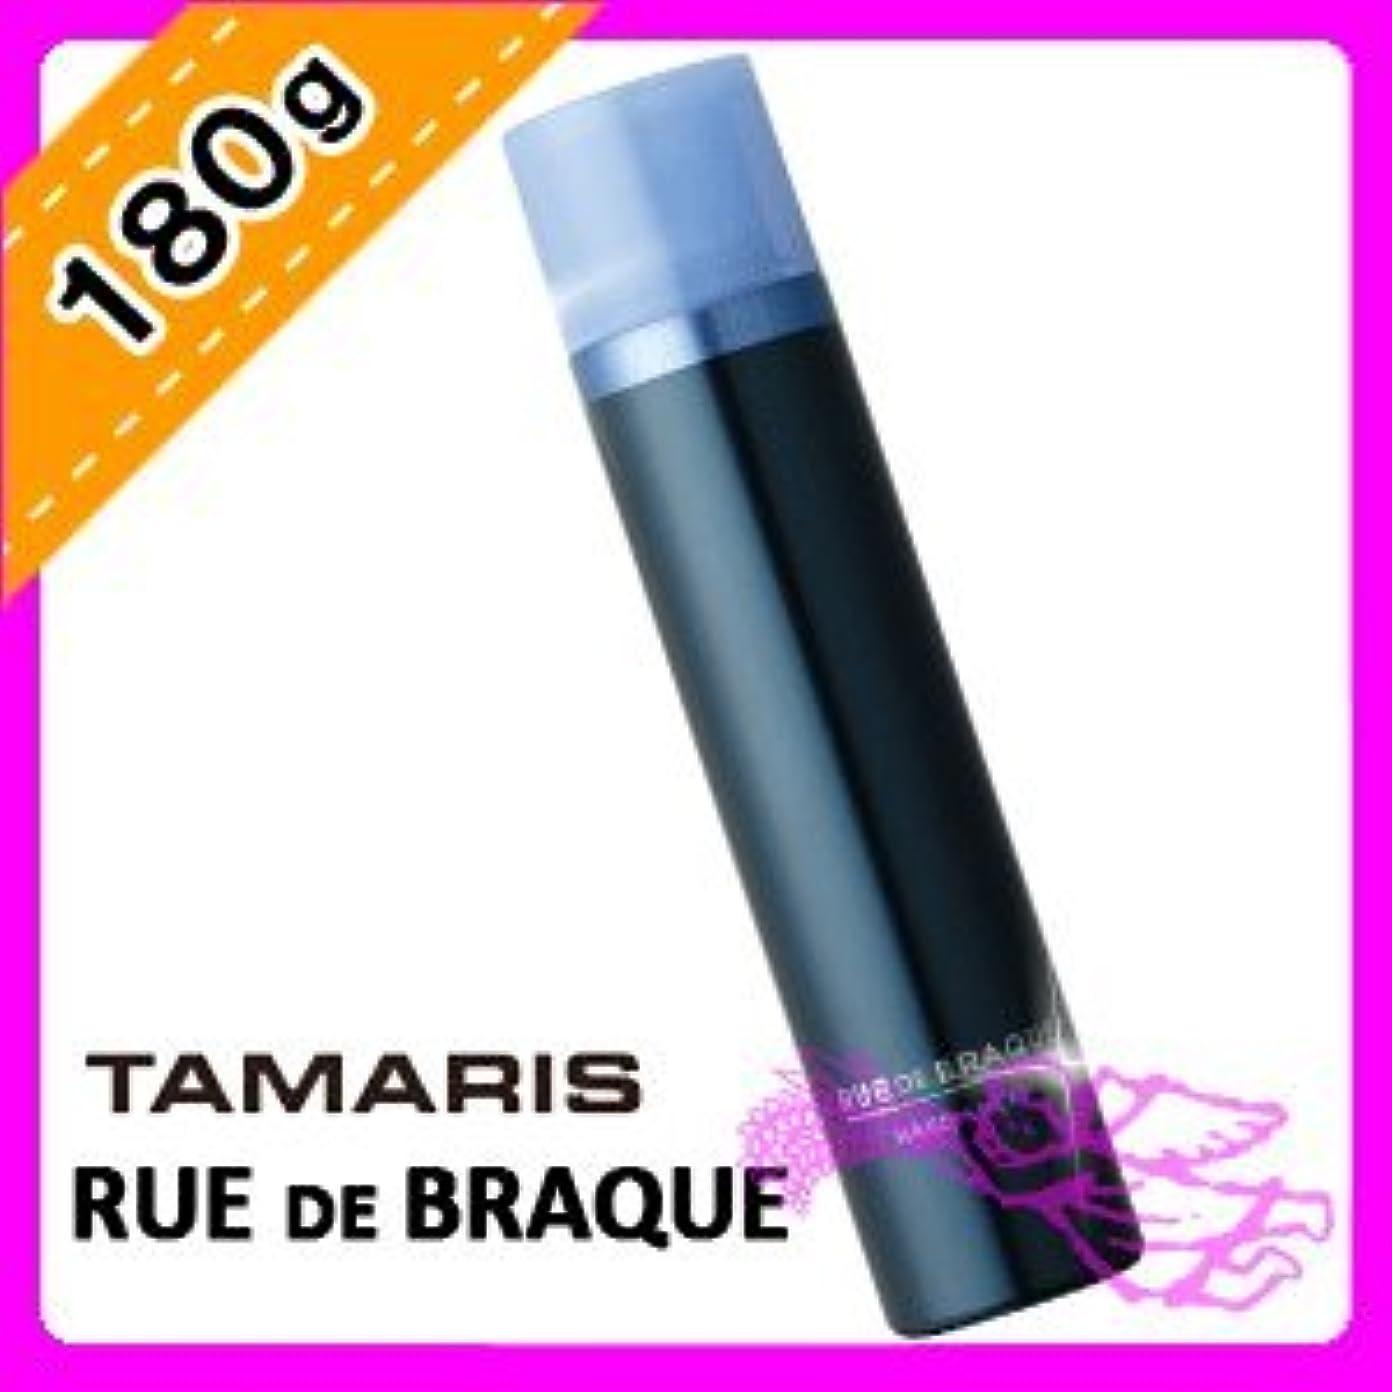 イディオムツーリストスキムタマリス ルードブラック ハードスプレー 180g TAMARIS RUE DE BRAQUE